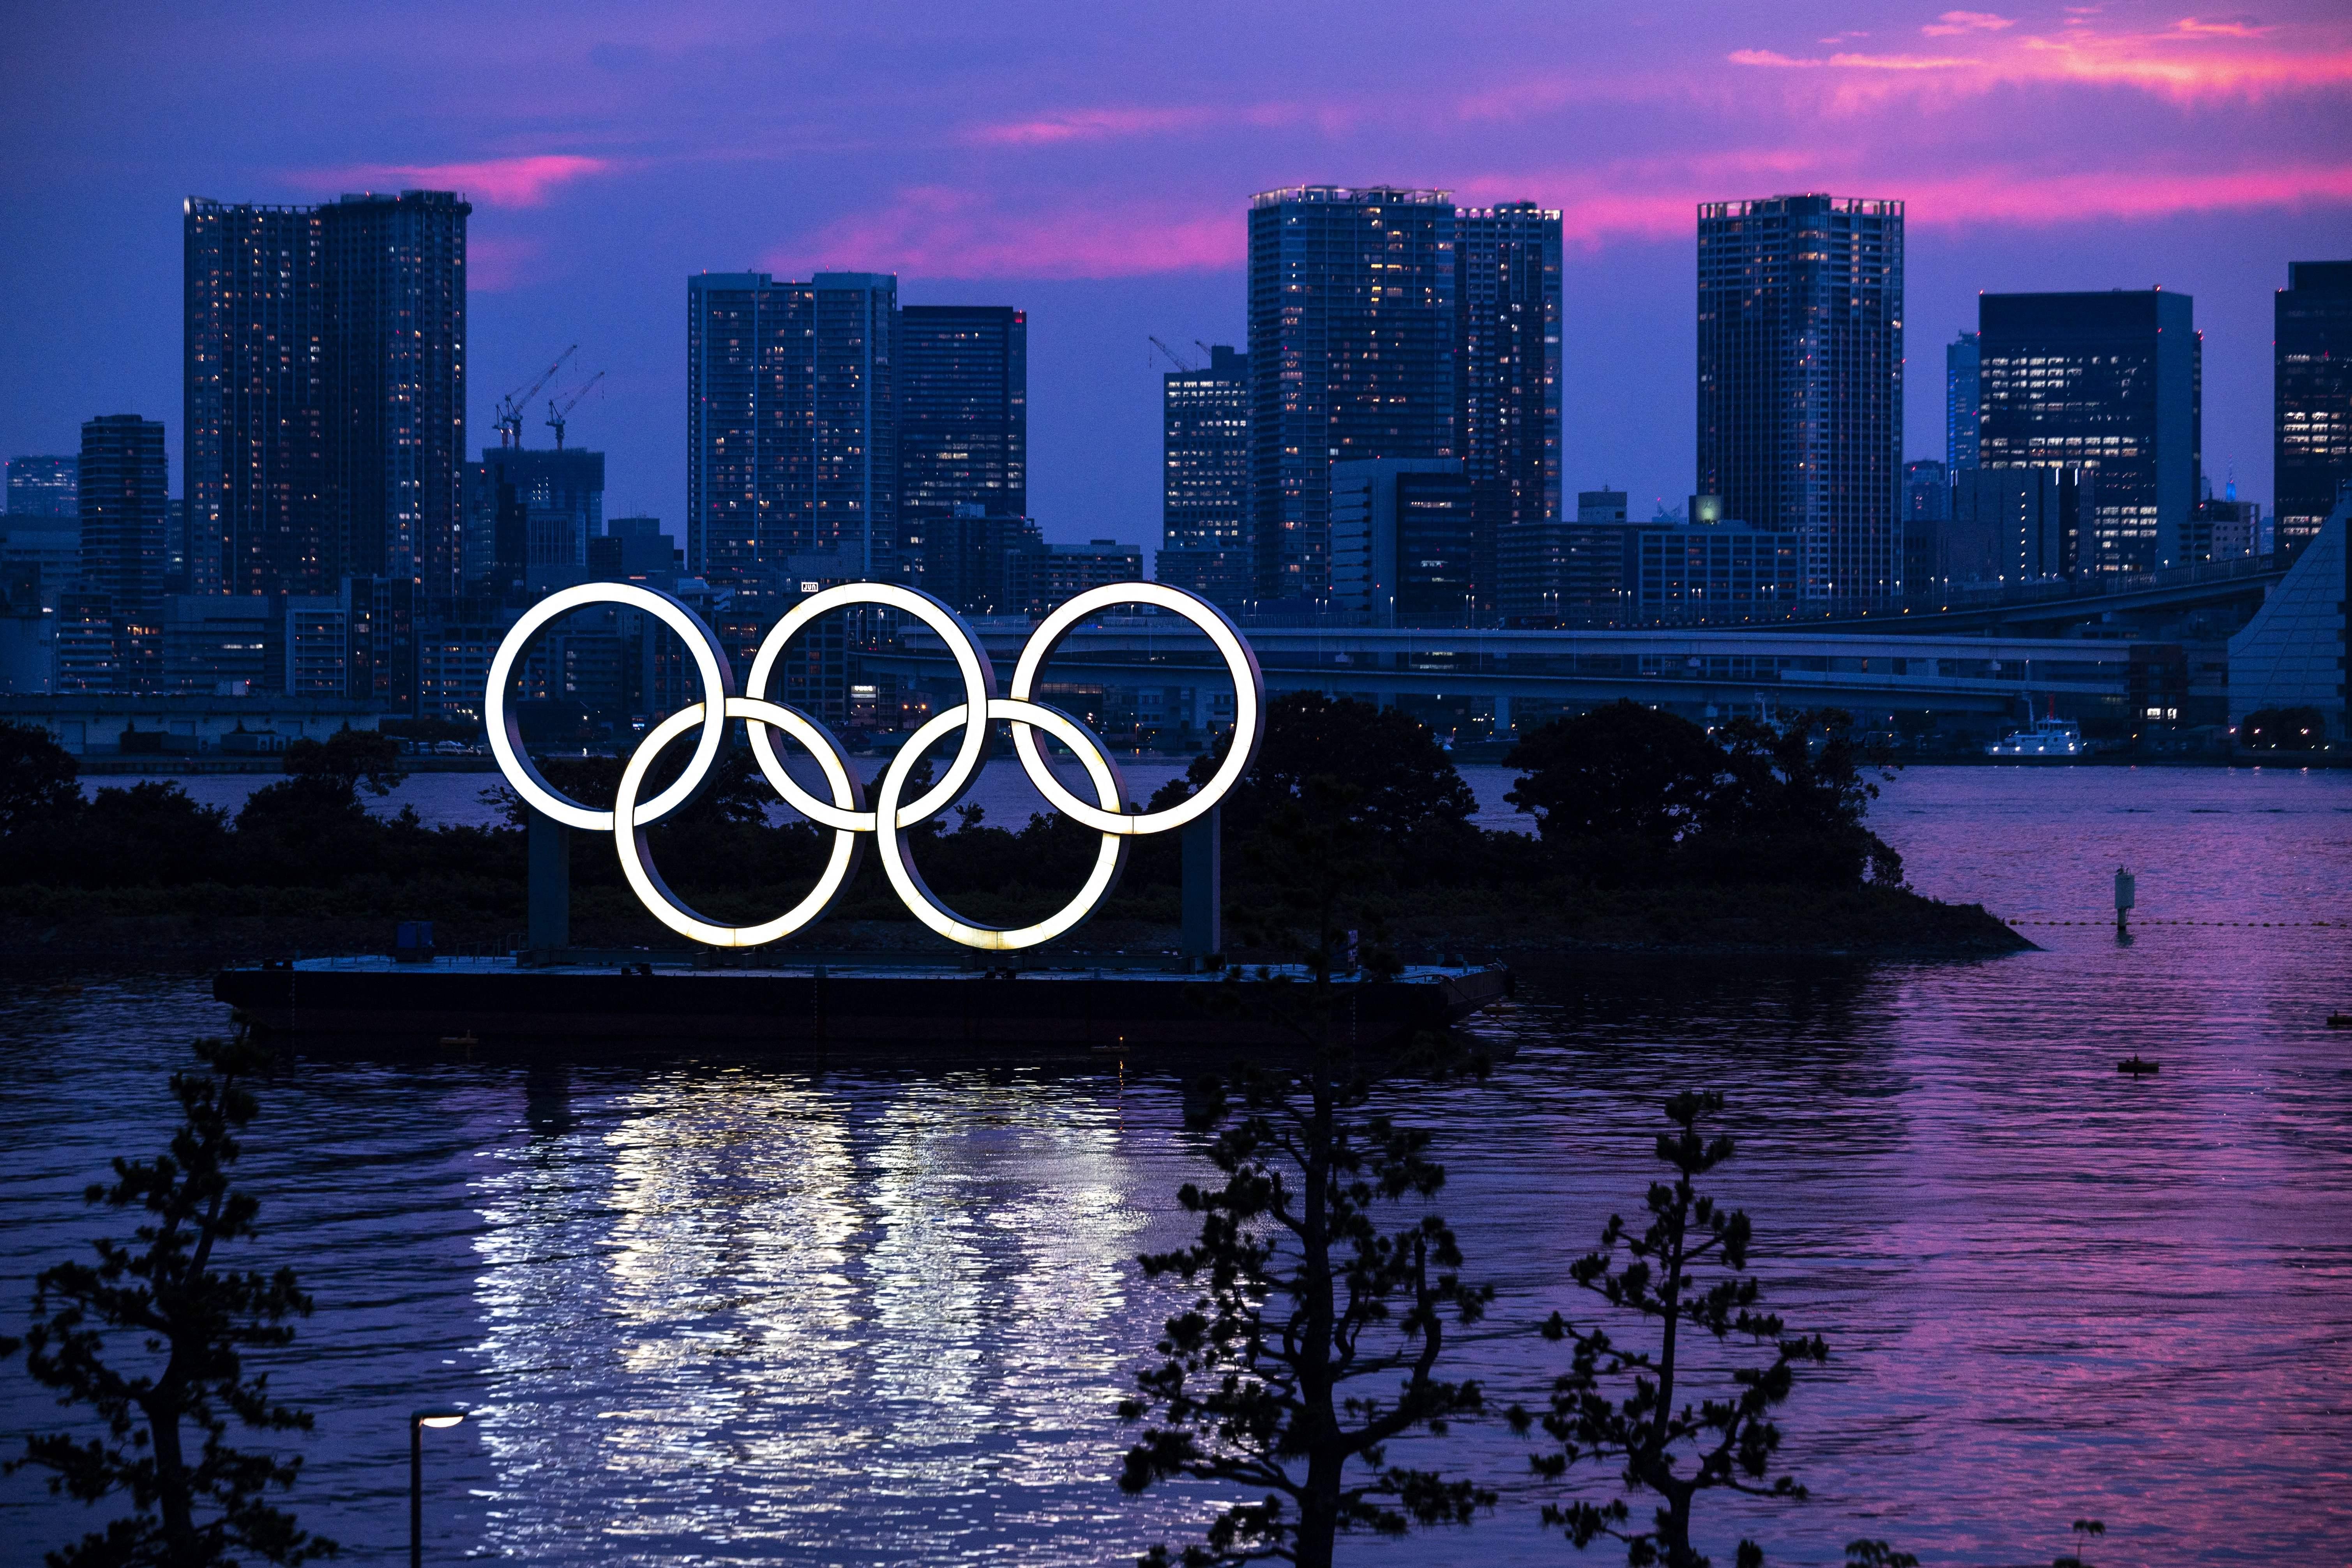 Una vista general muestra los anillos olímpicos iluminados al anochecer en el paseo marítimo de Odaiba en Tokio el 12 de Juky de 2021.